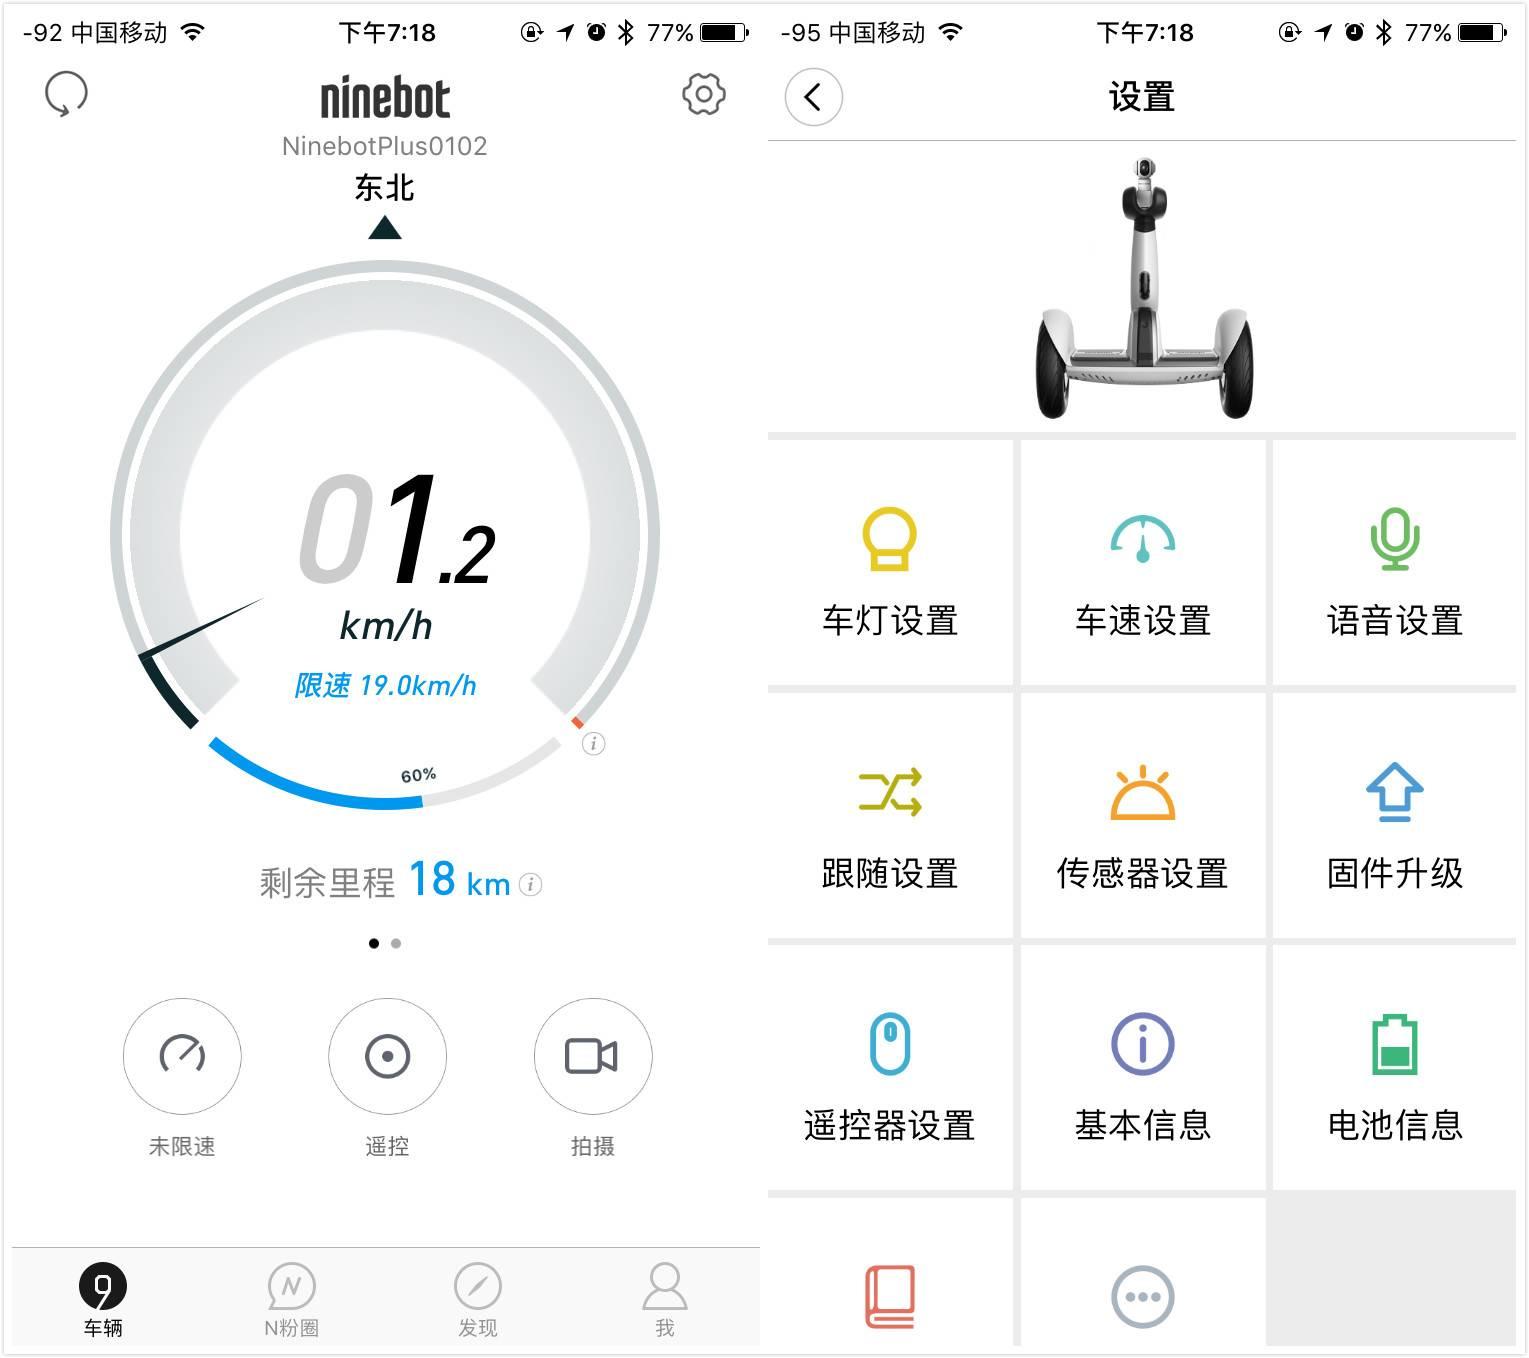 整个app最主要的功能就是安全设置和调节灯光